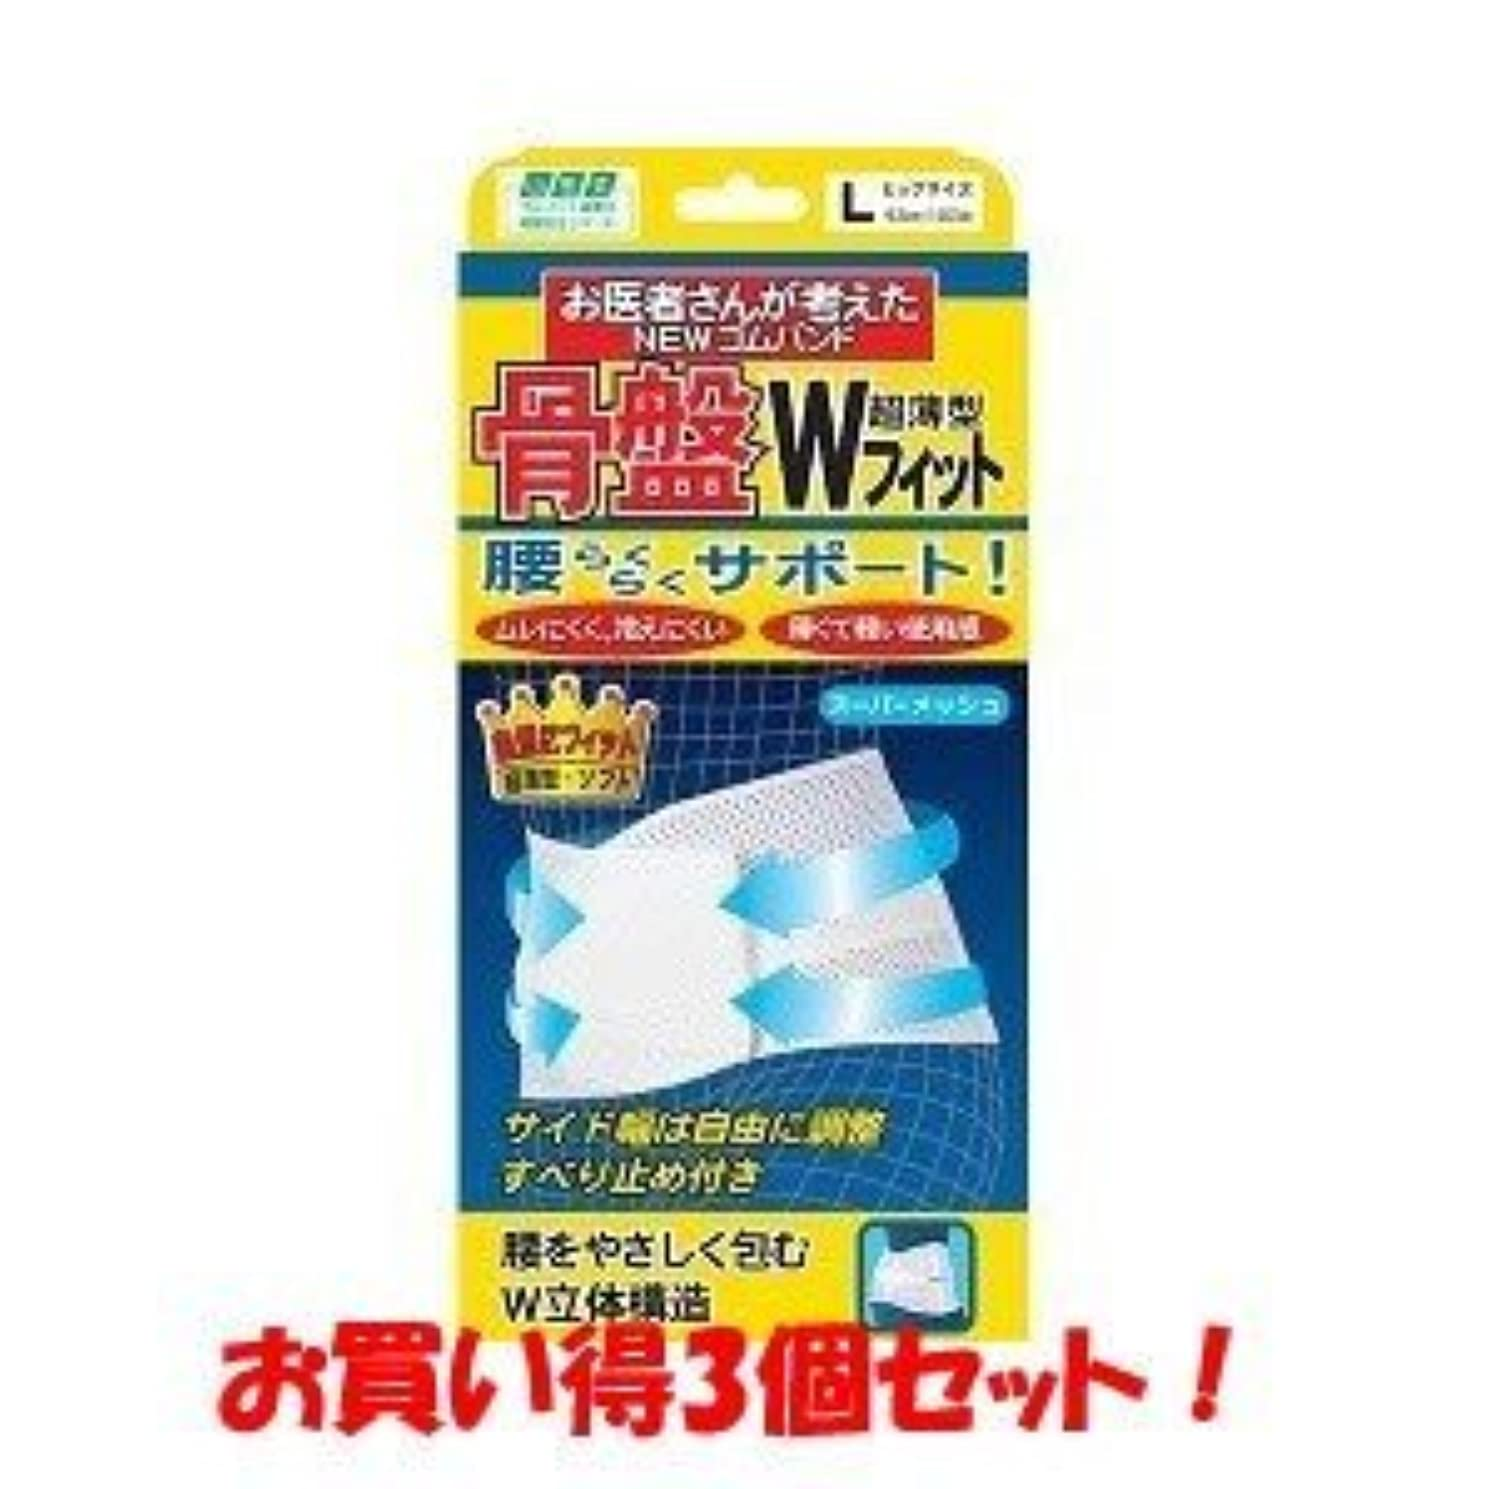 文房具記事懸念(ミノウラ)山田式 骨盤Wフィット L(お買い得3個セット)